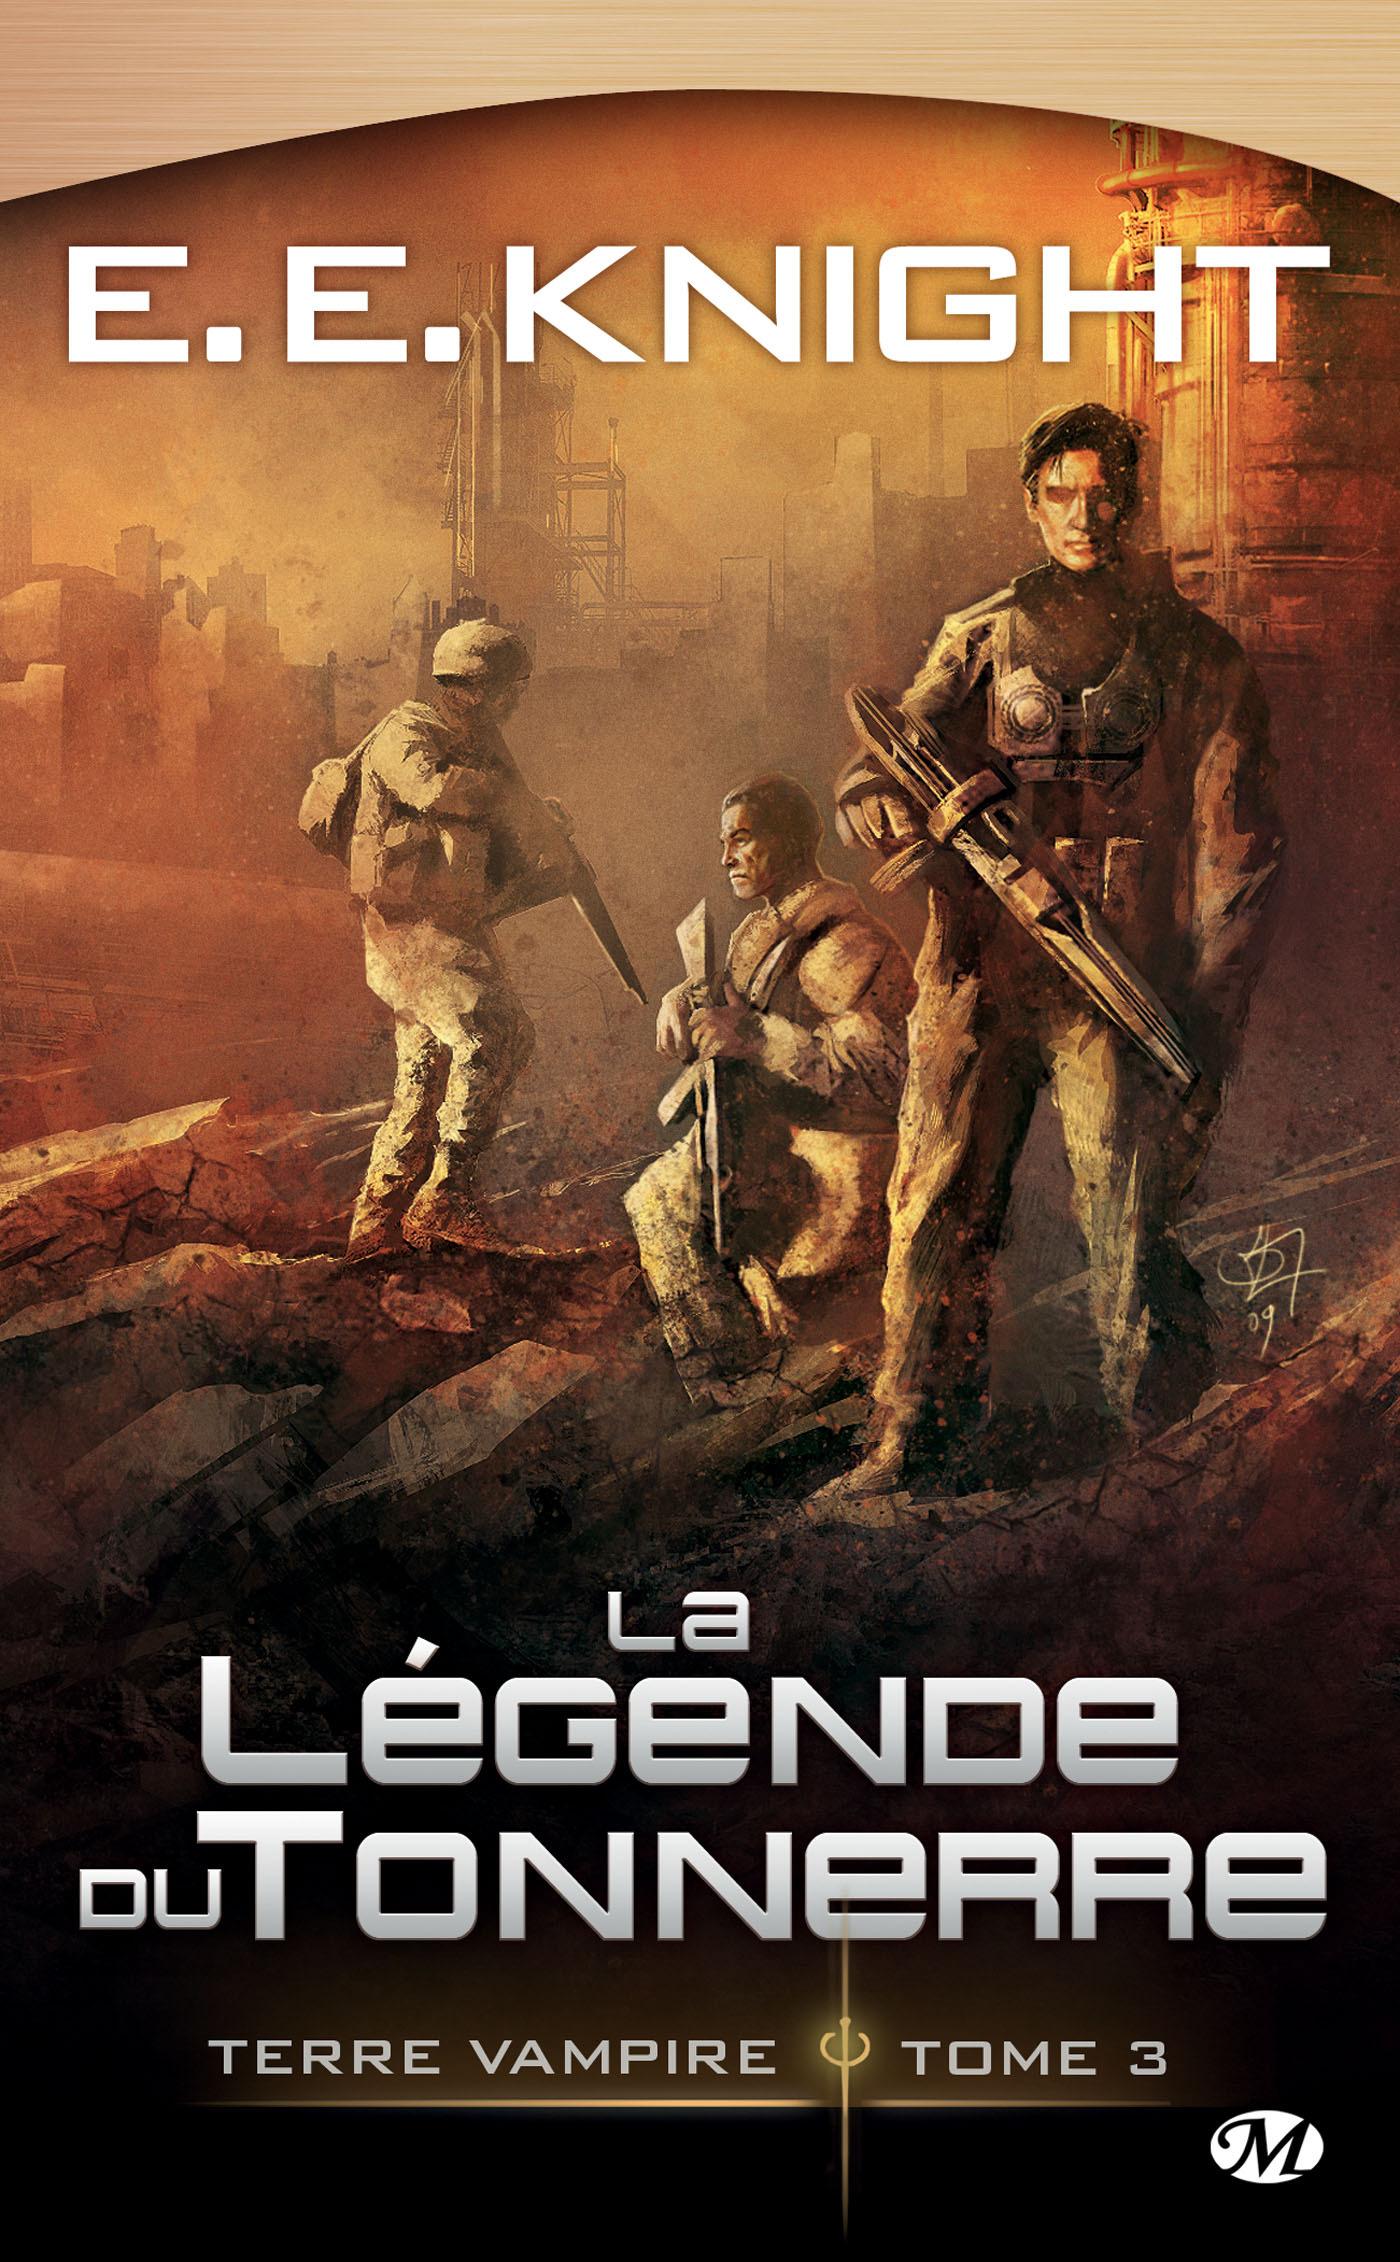 La Légende du Tonnerre, TERRE VAMPIRE, T3